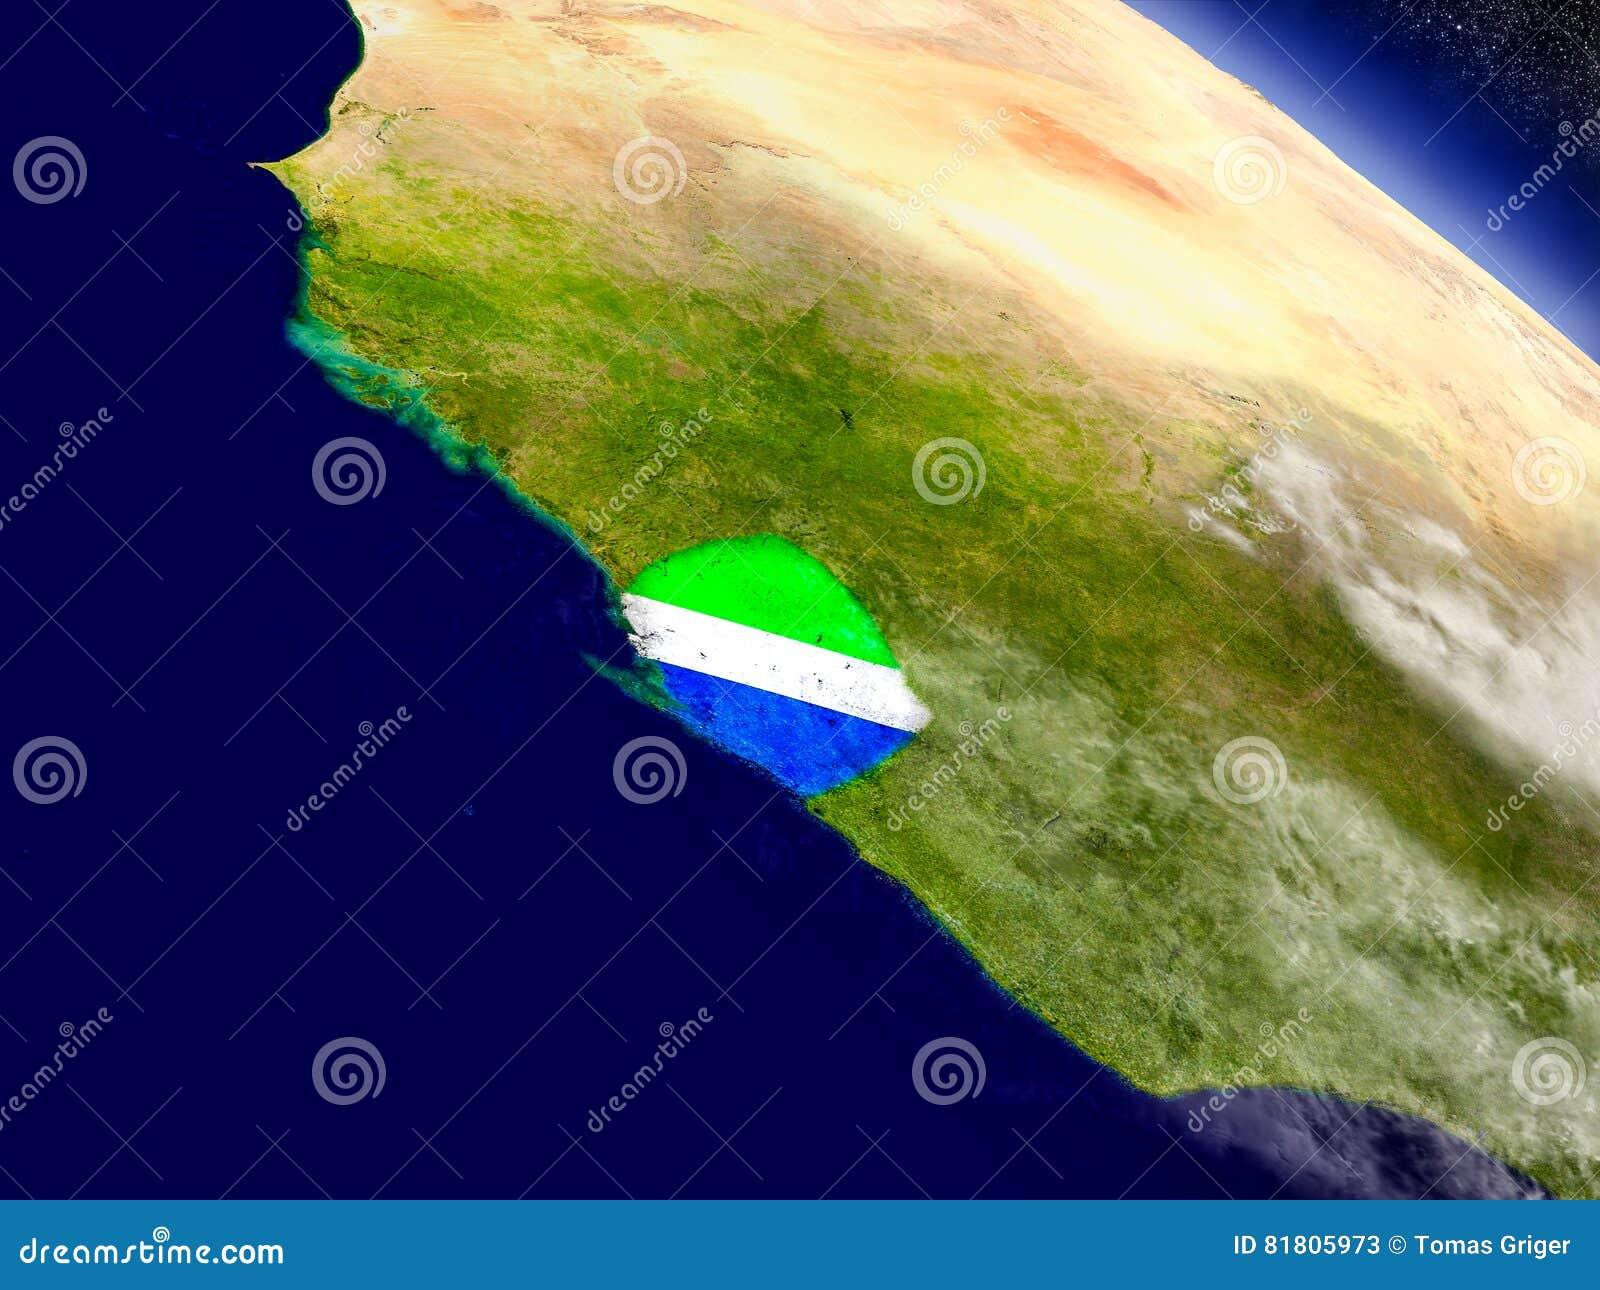 Сьерра-Леоне с врезанным флагом на земле